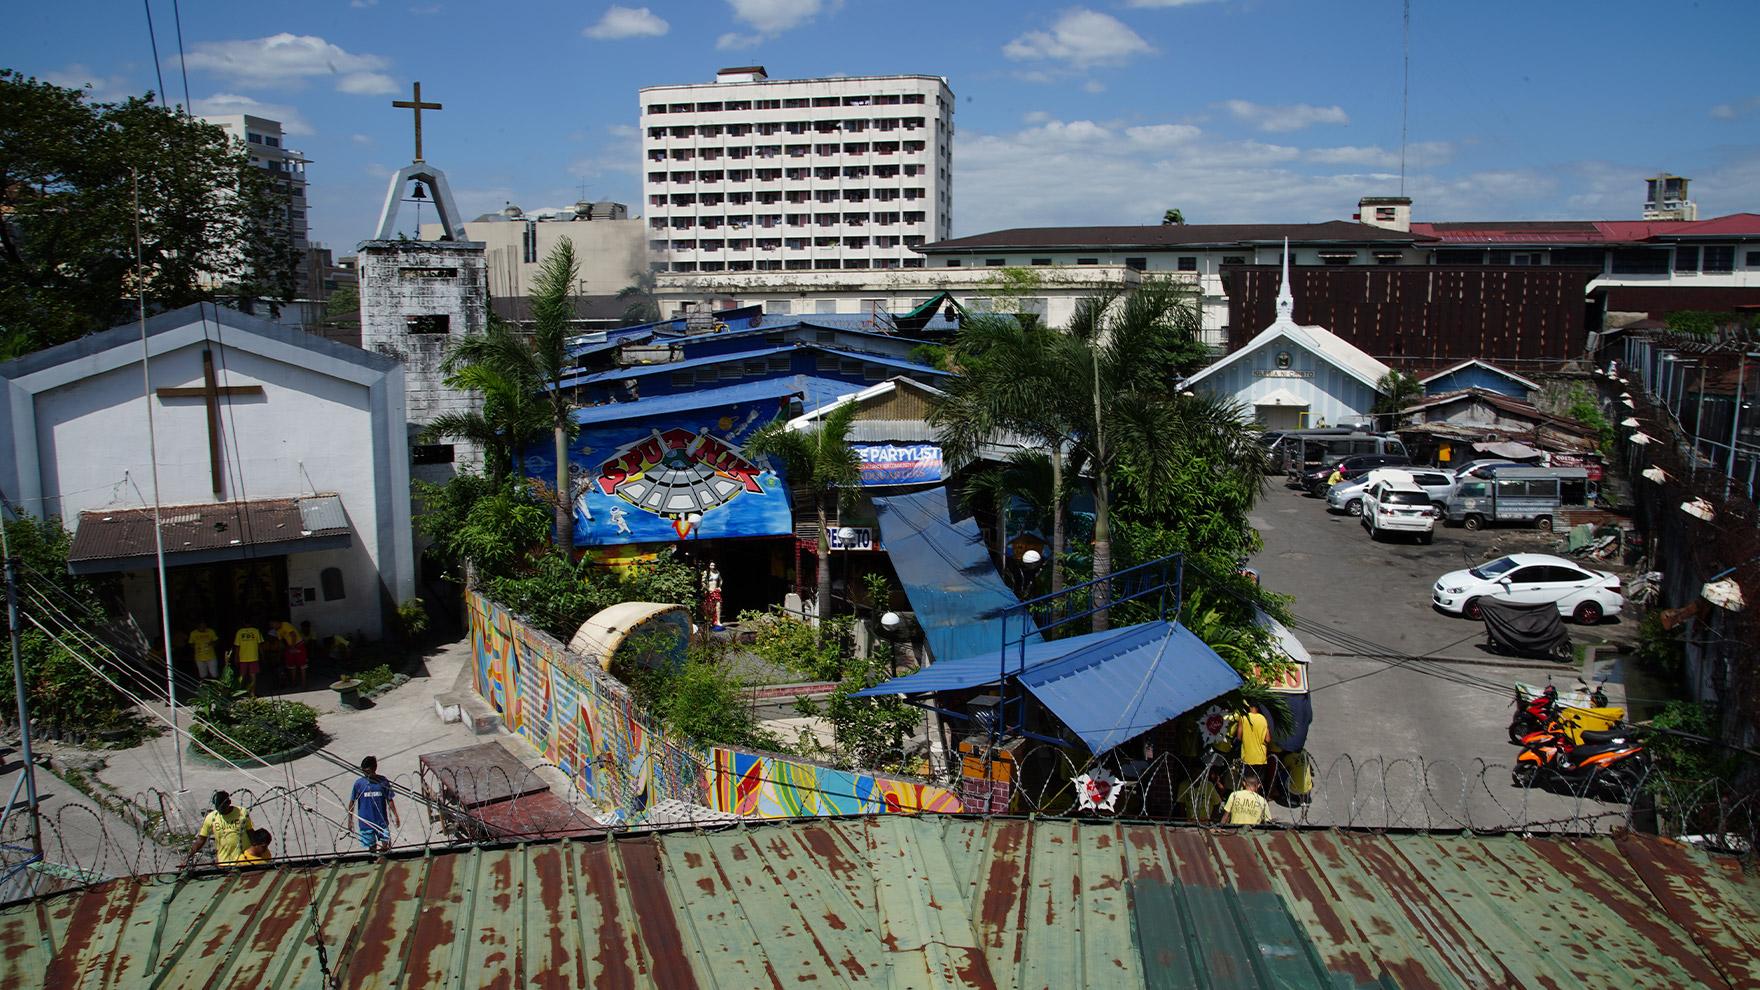 ITWTP-503-Philippines-Publicity-Still-Emporium-45